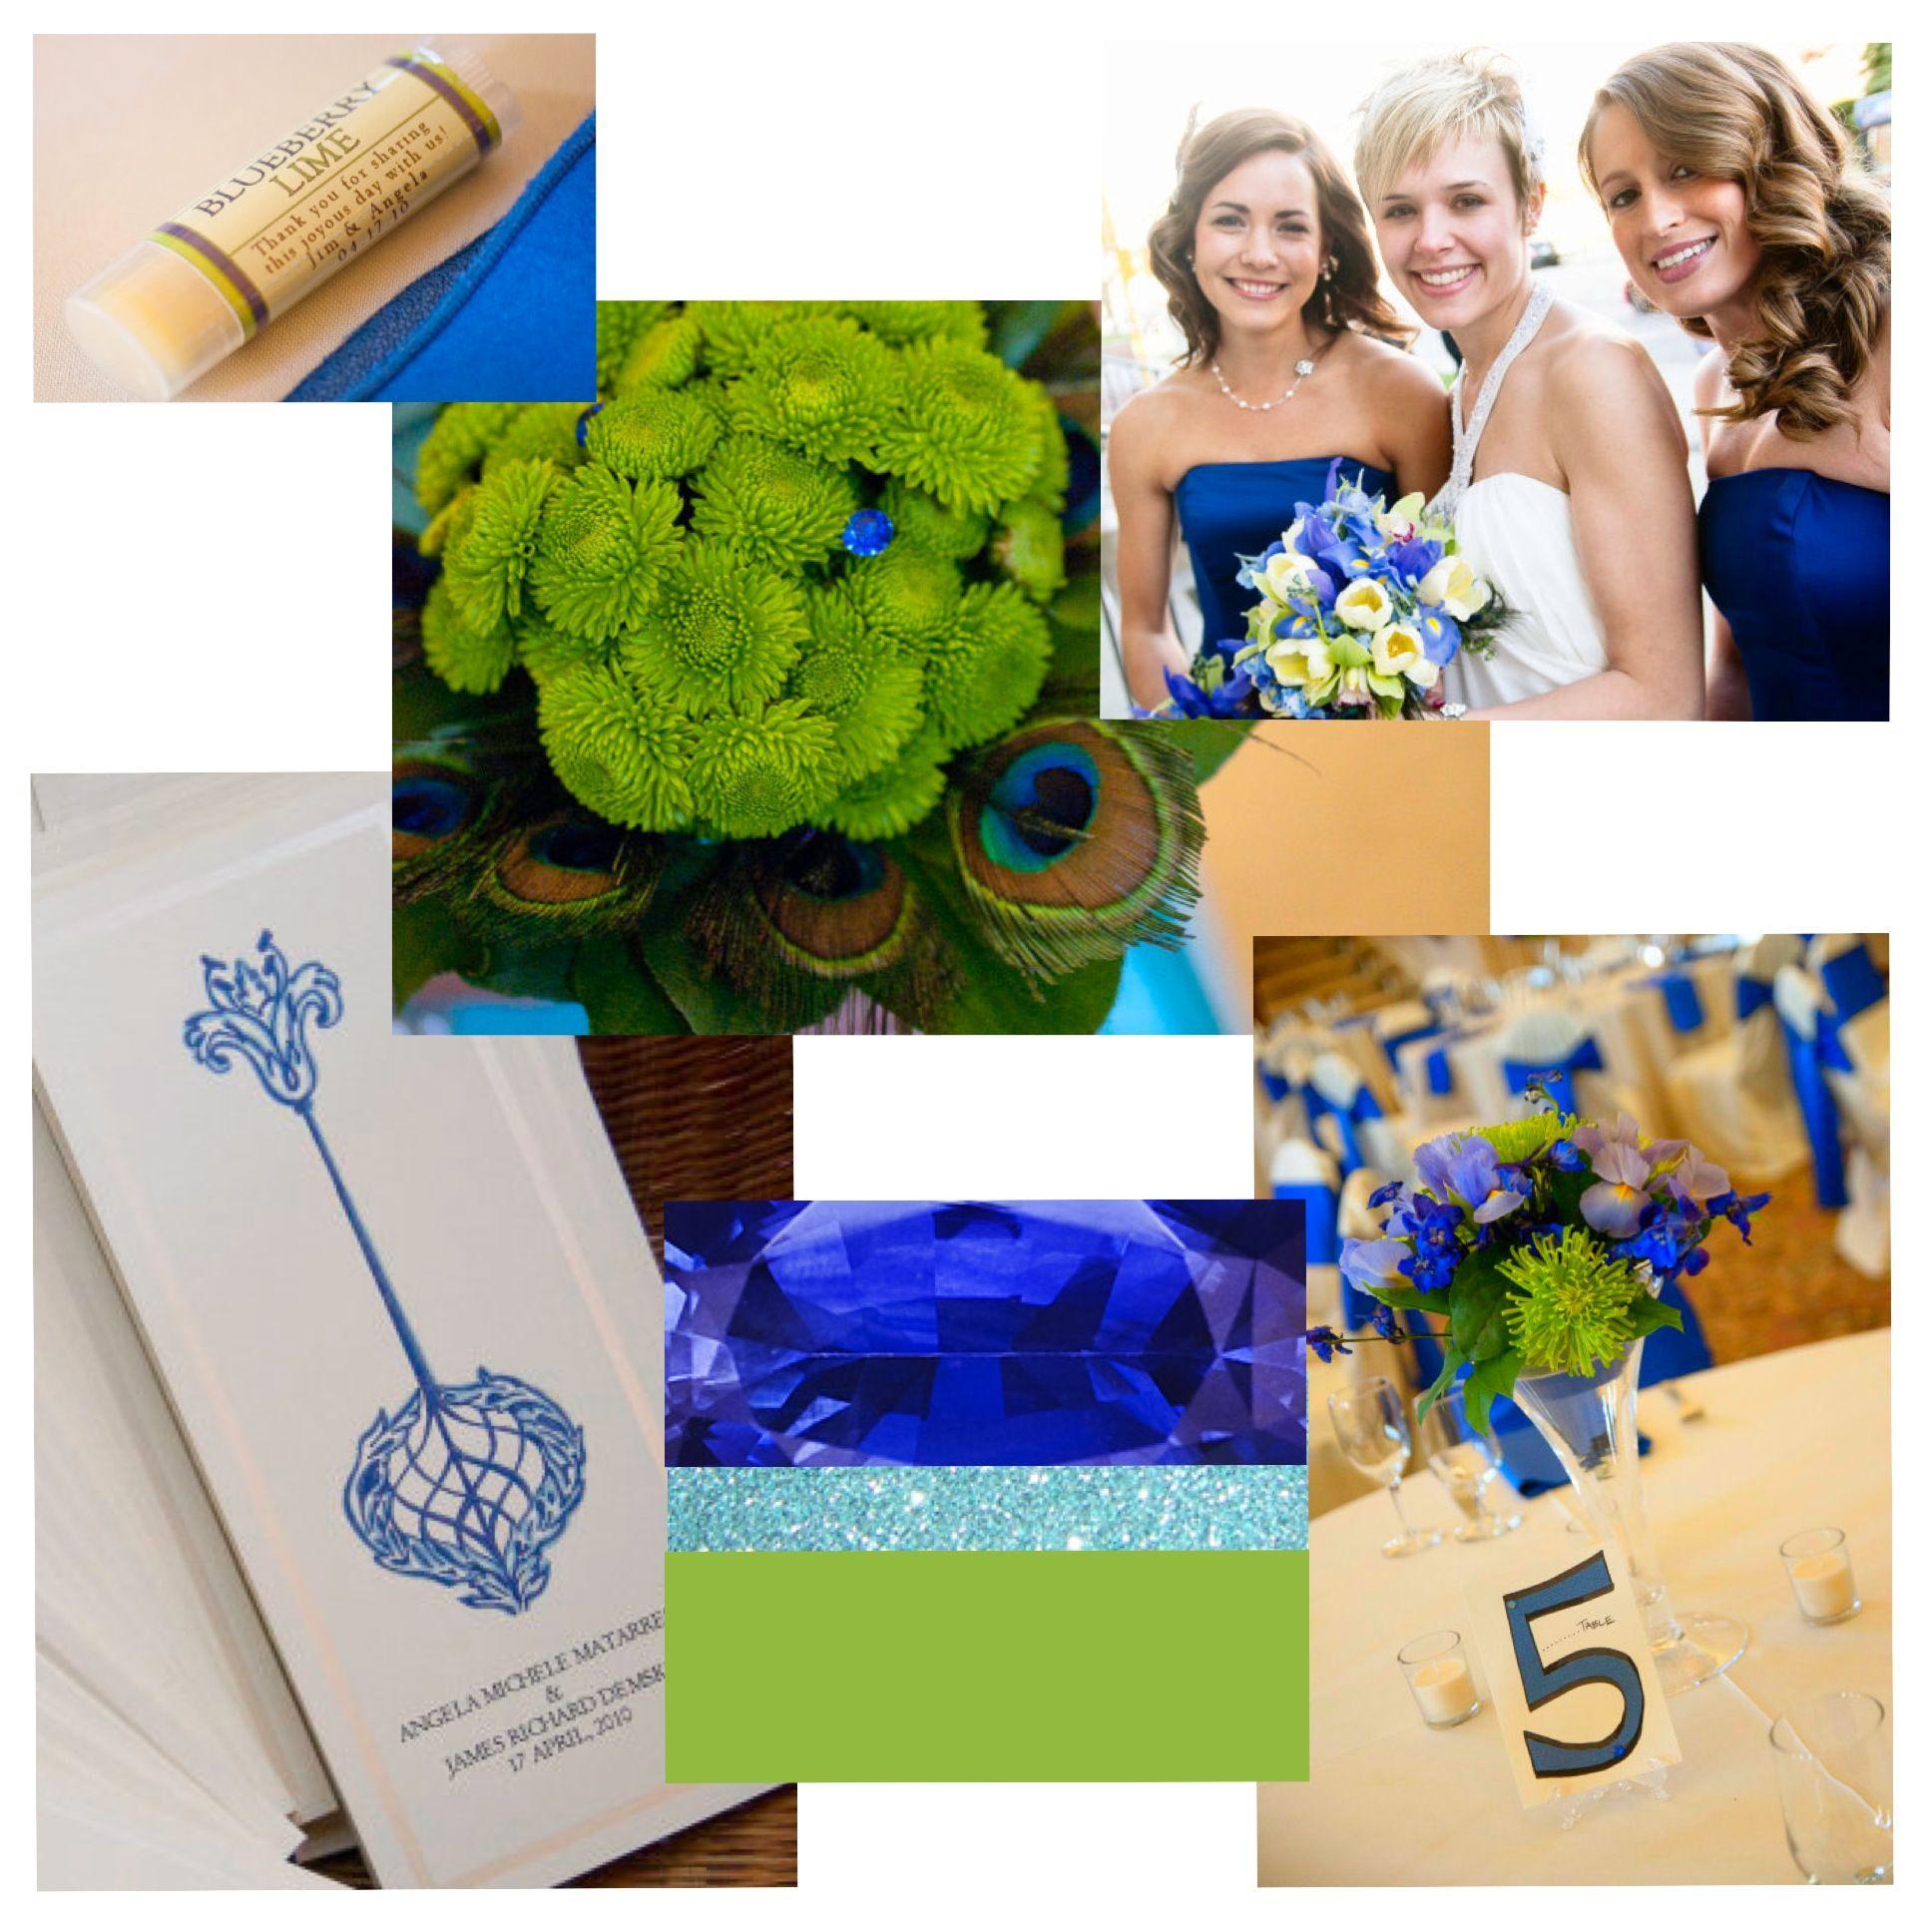 Cute Wedding Ideas For Reception: Pin By Angela Demski On Pretty Things